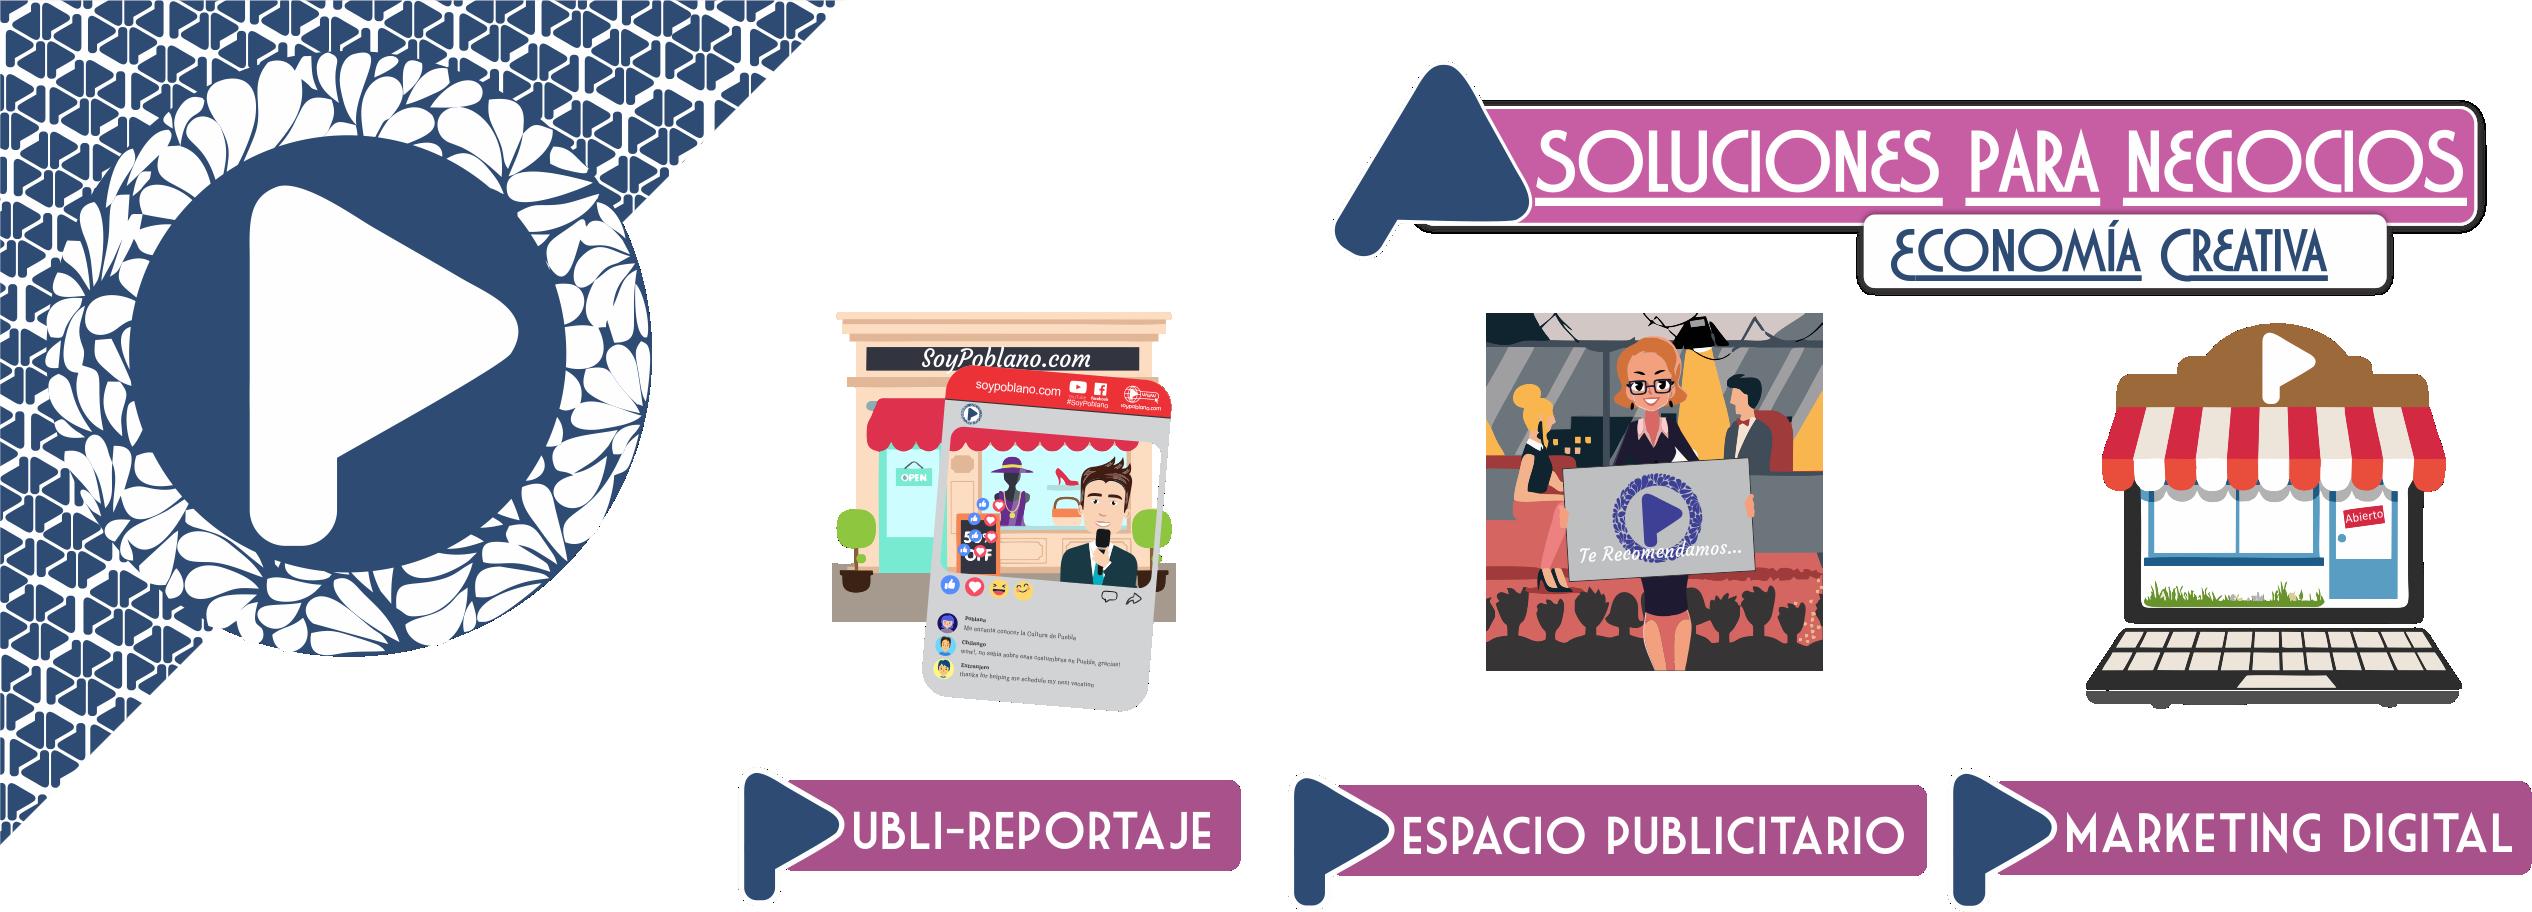 soluciones para negocios.png